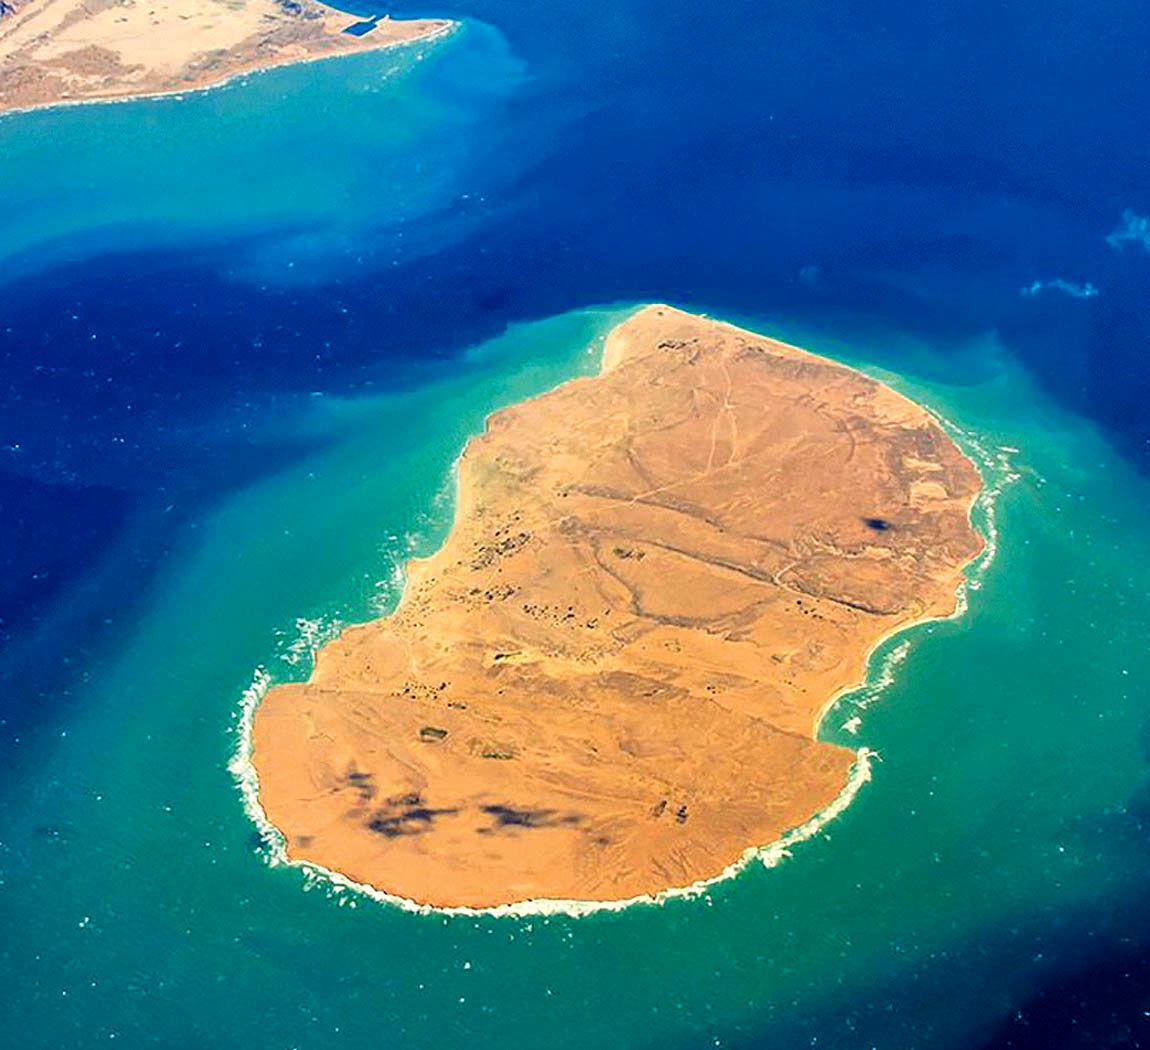 جزیره هی هندورابی خلیج همیشه فارس